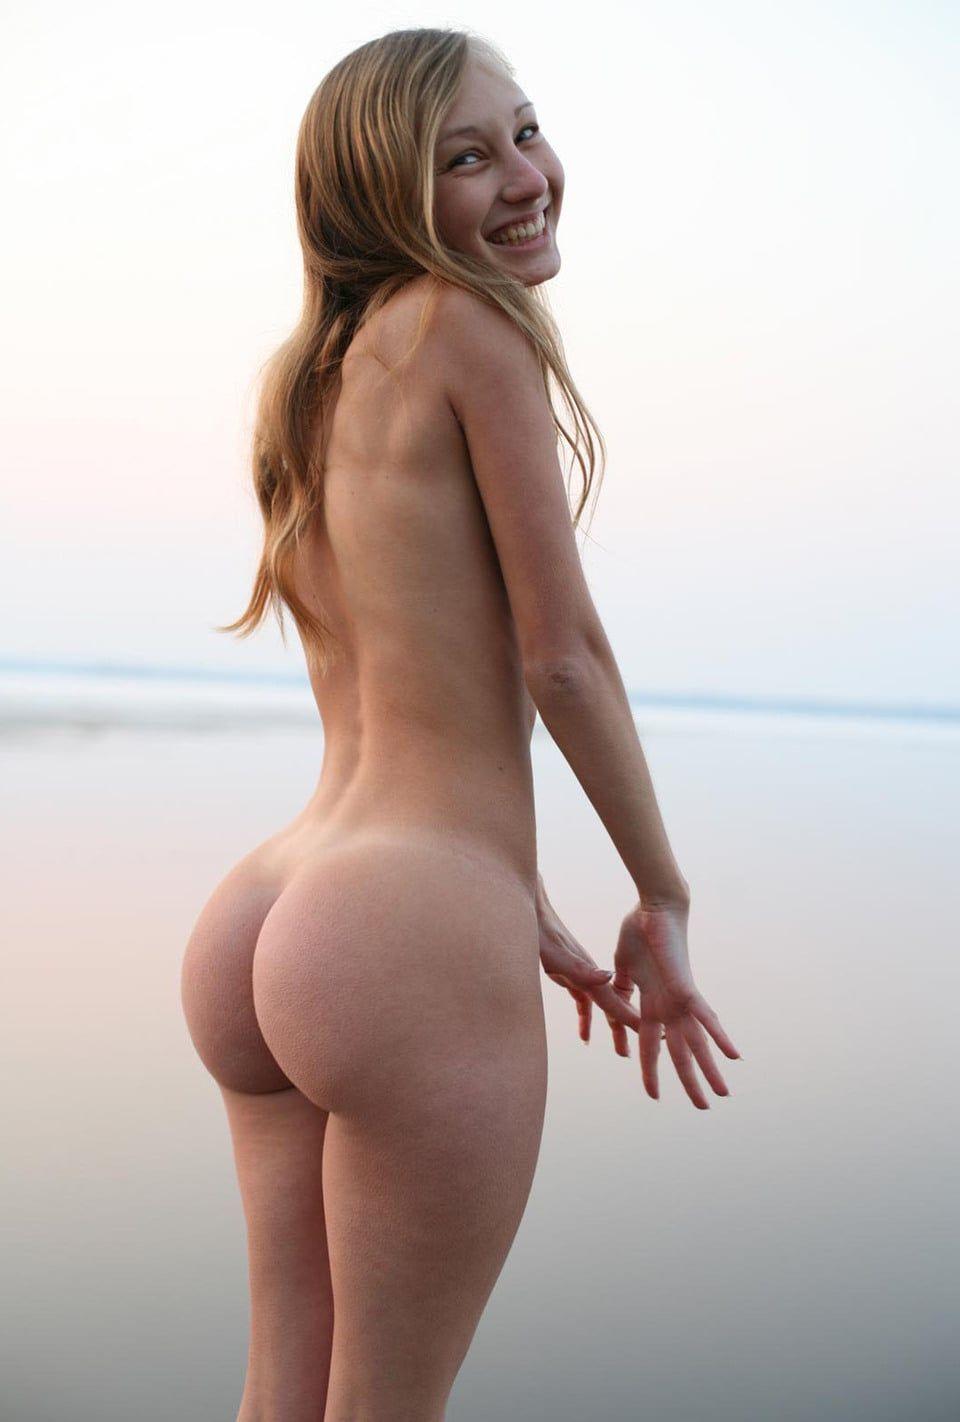 Подборка крупных задниц худощавых красоток 10 фото